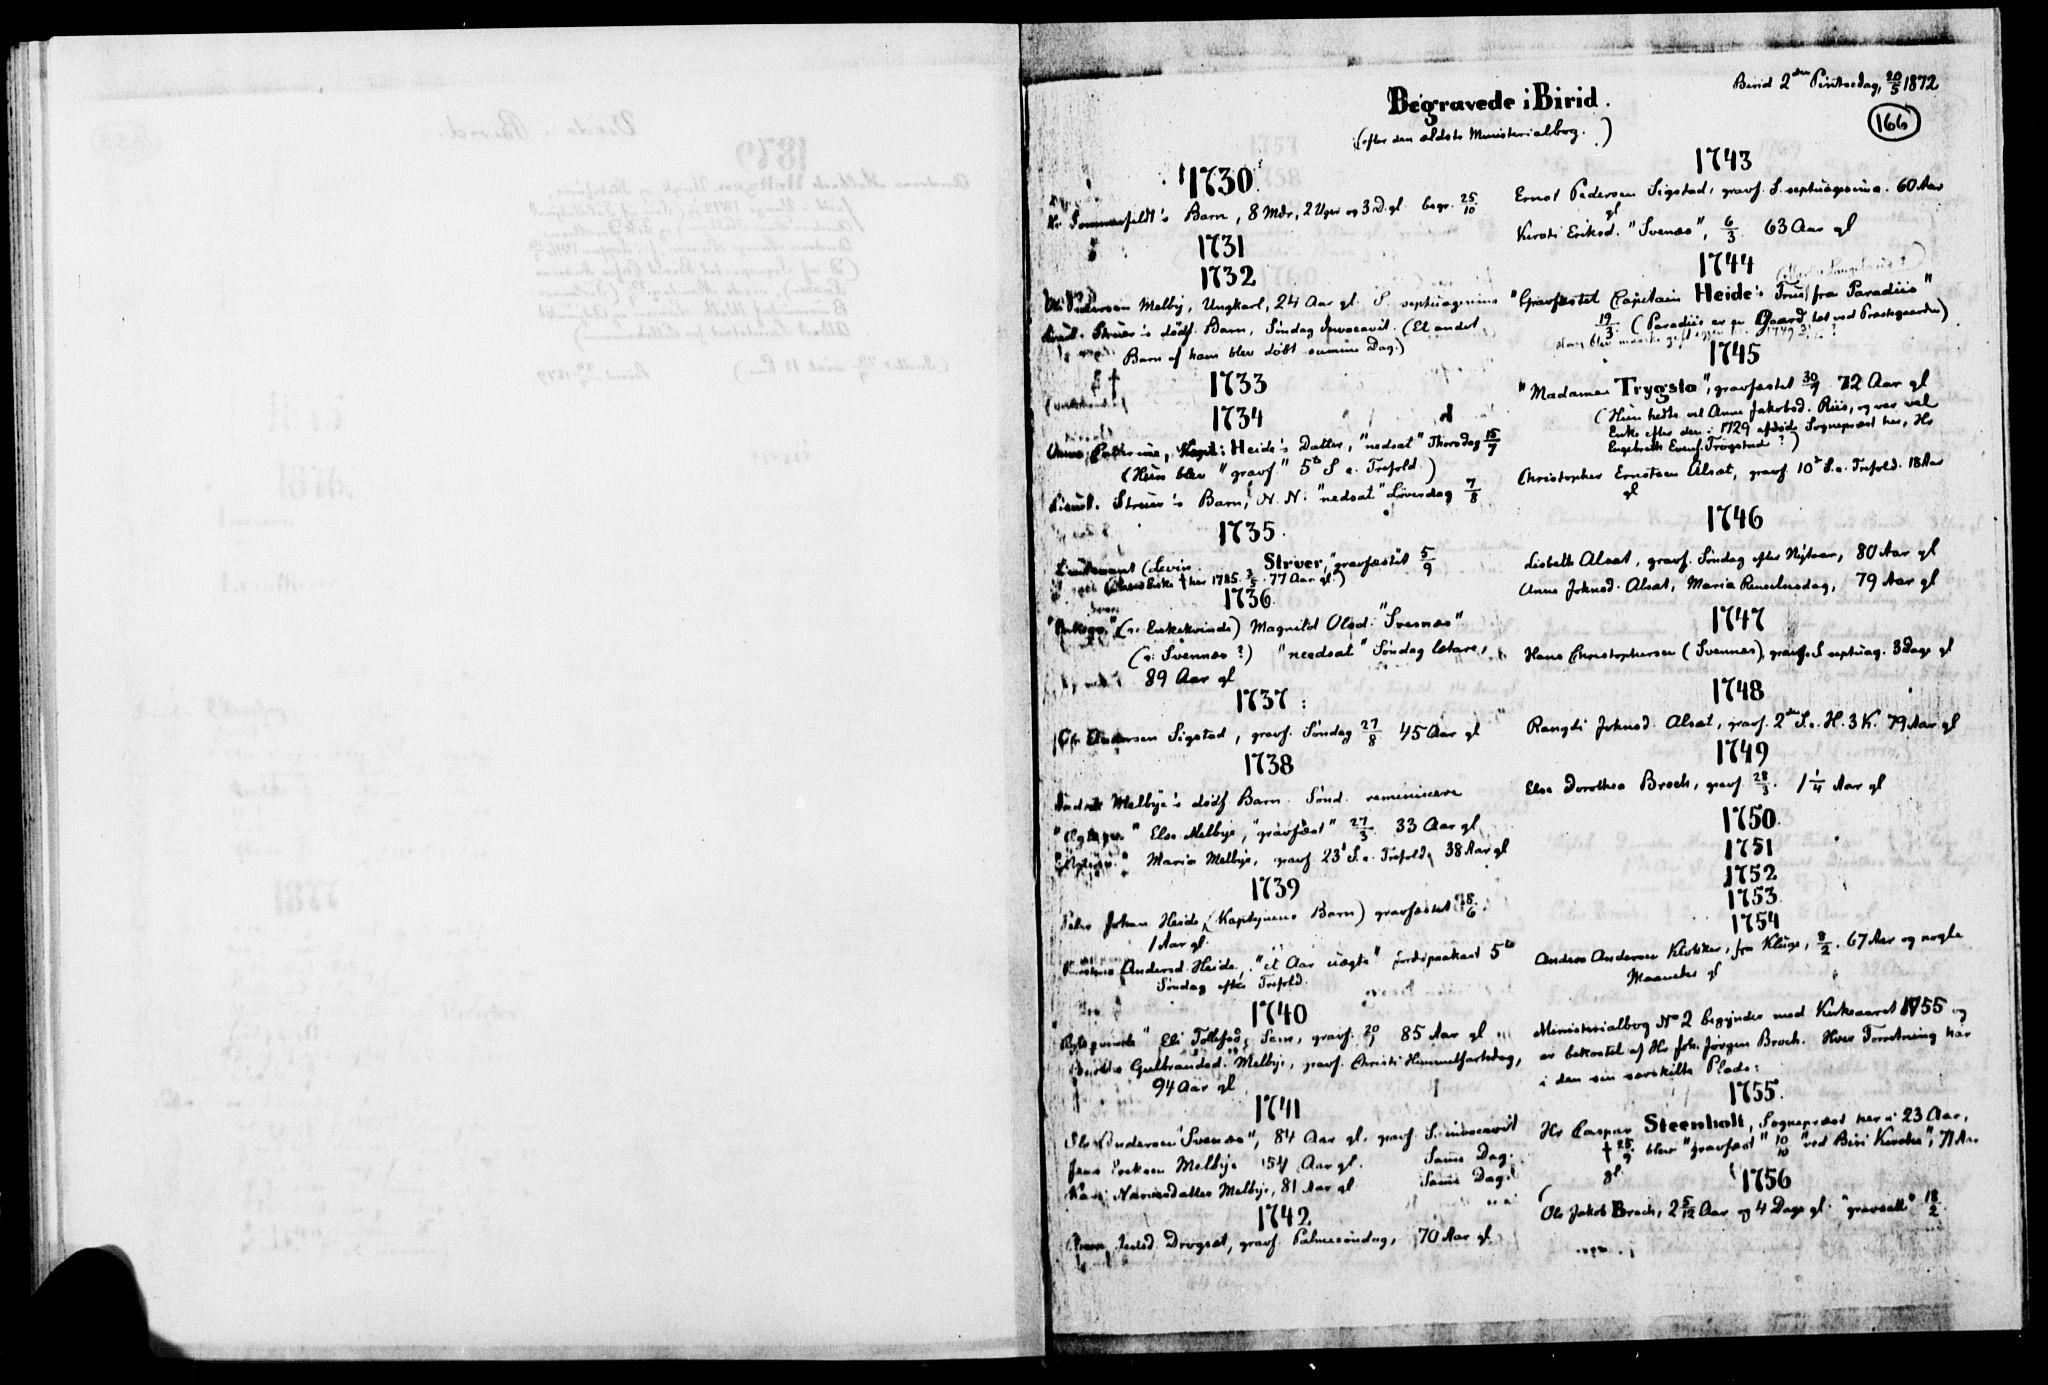 SAH, Biri prestekontor, Ministerialbok, 1730-1879, s. 166